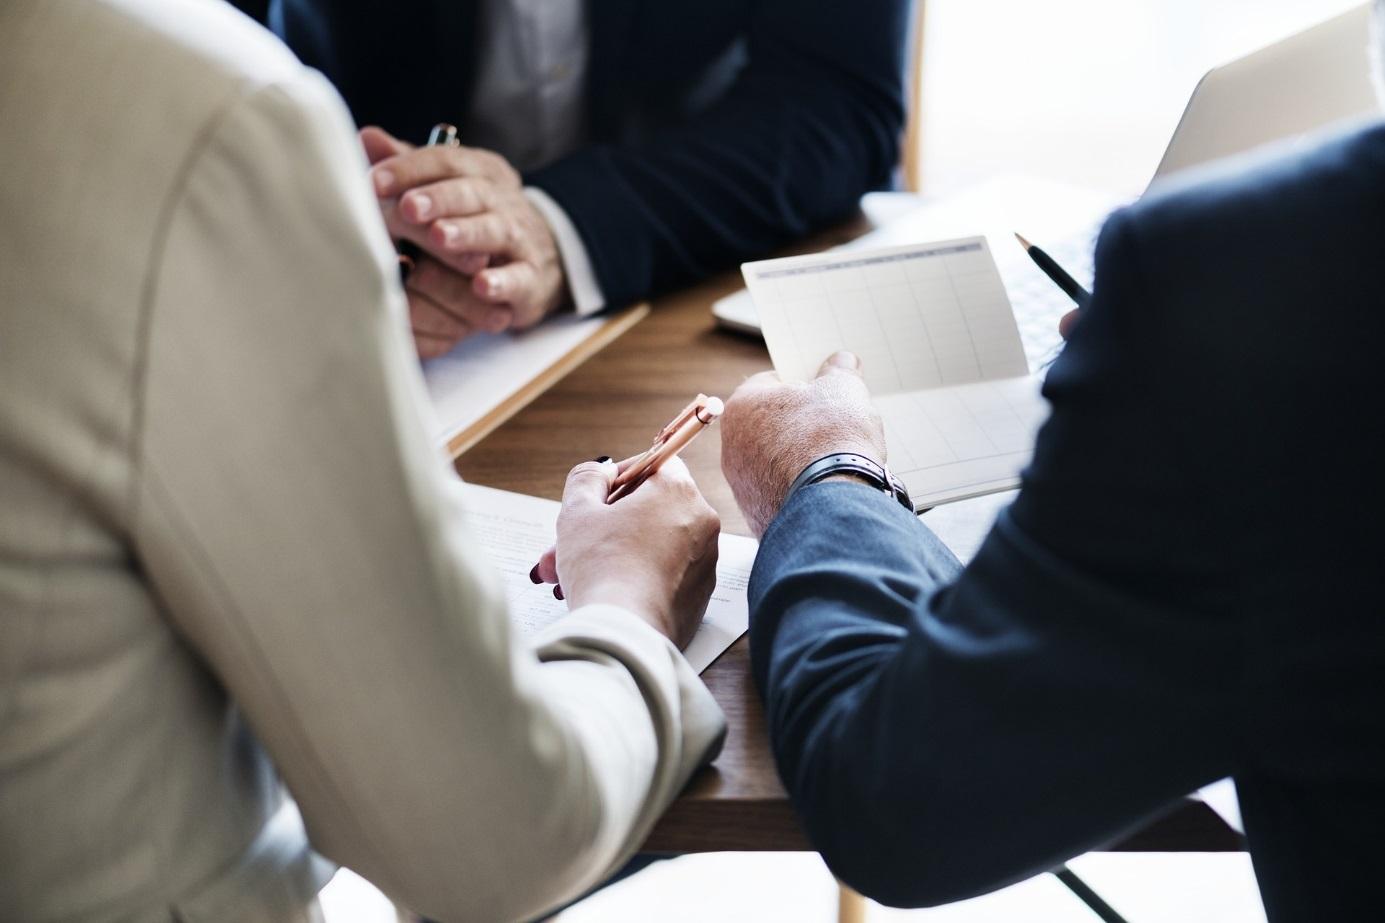 Drei Menschen im Anzug sitzen sich an einem mit Schreibutensilien beladenen Tisch gegenüber.